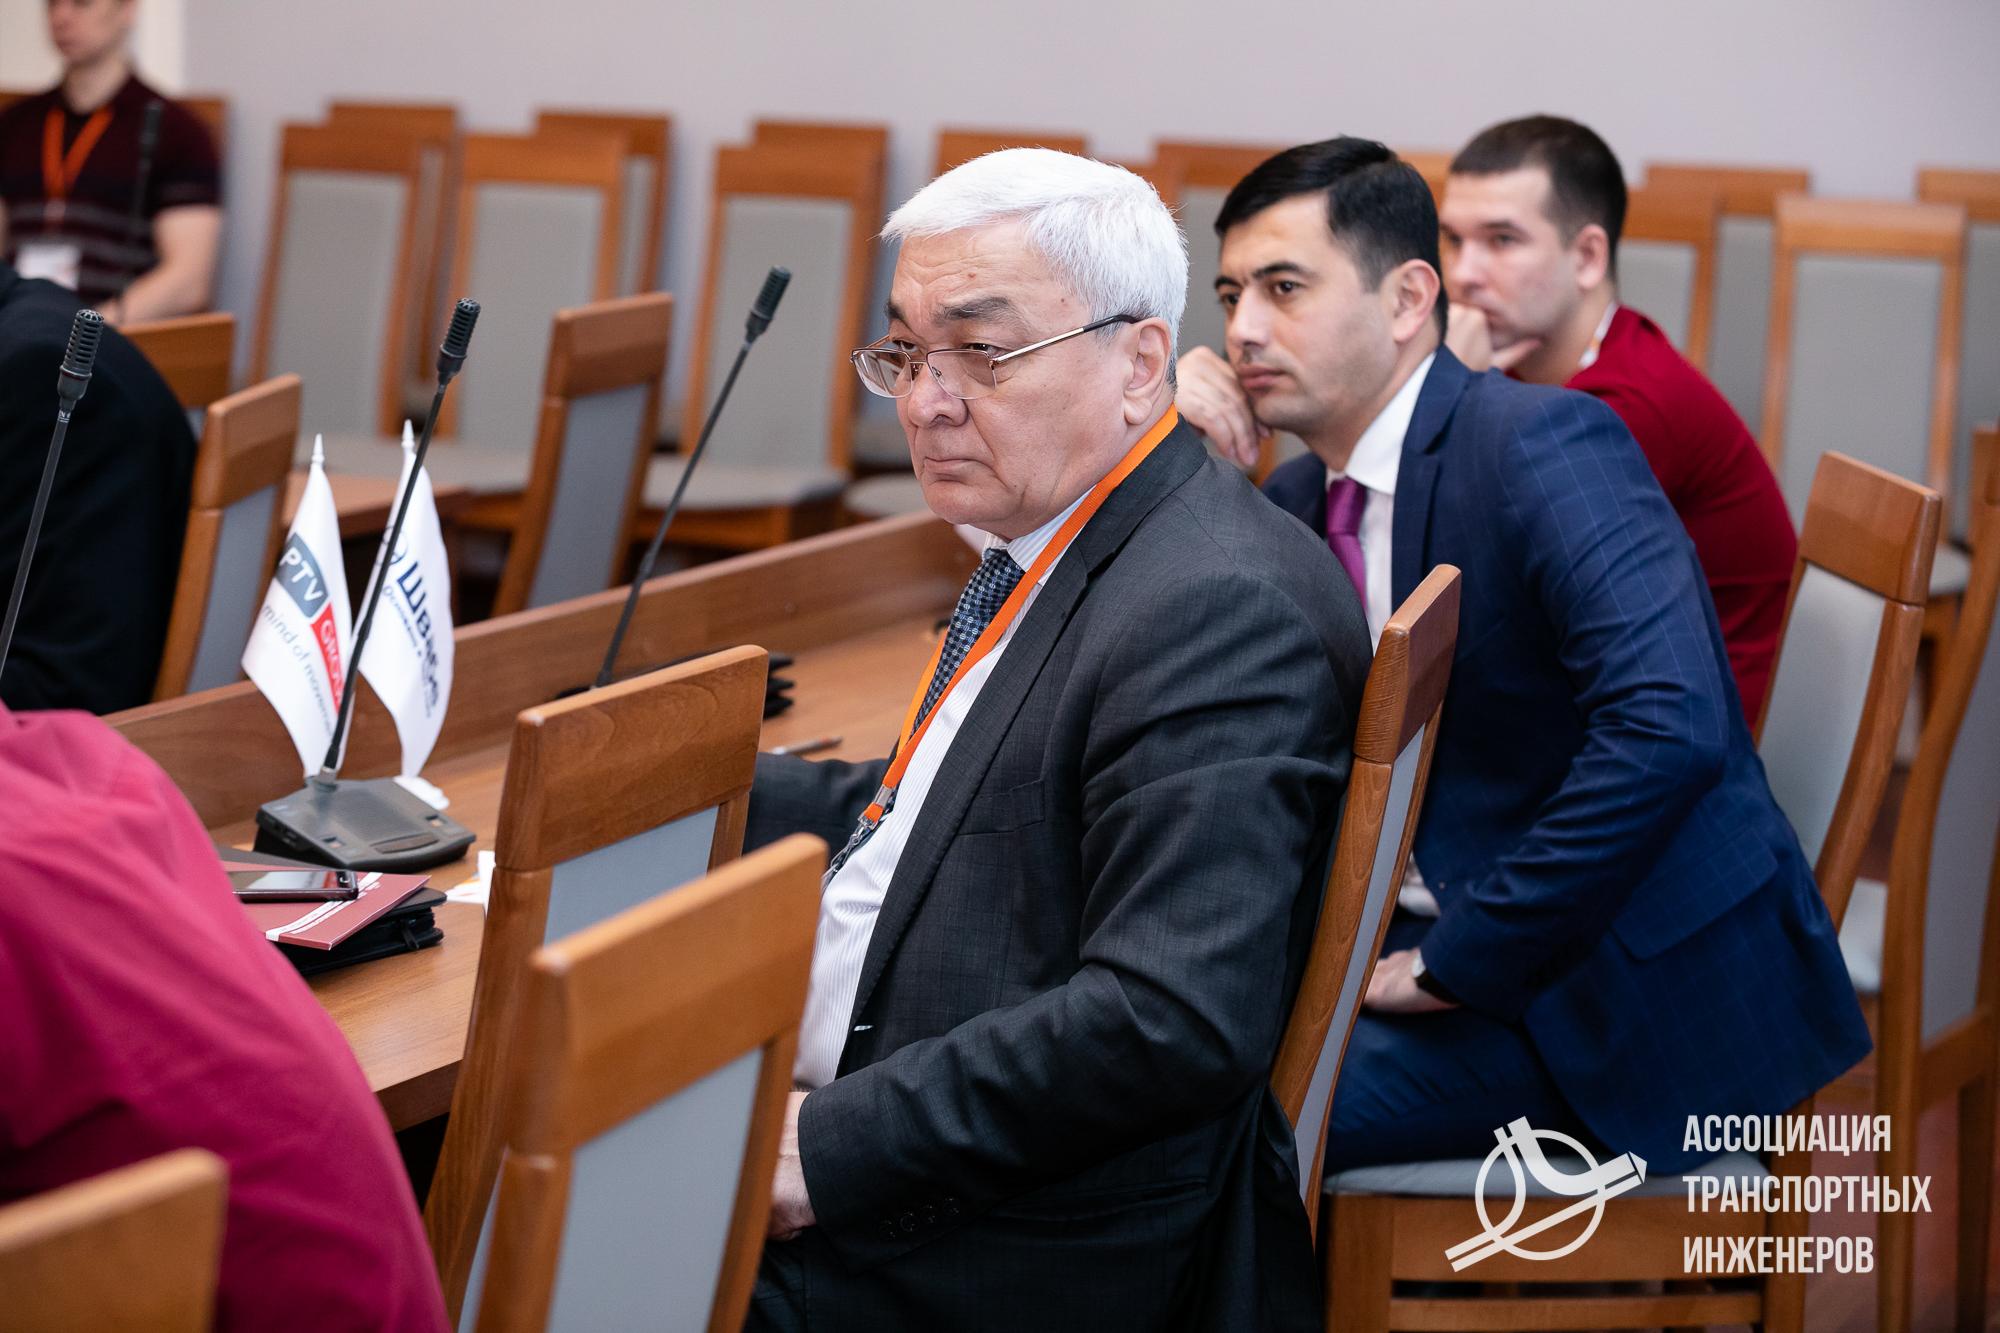 Конференция ТПиМ, 12 апреля  2019  (74).